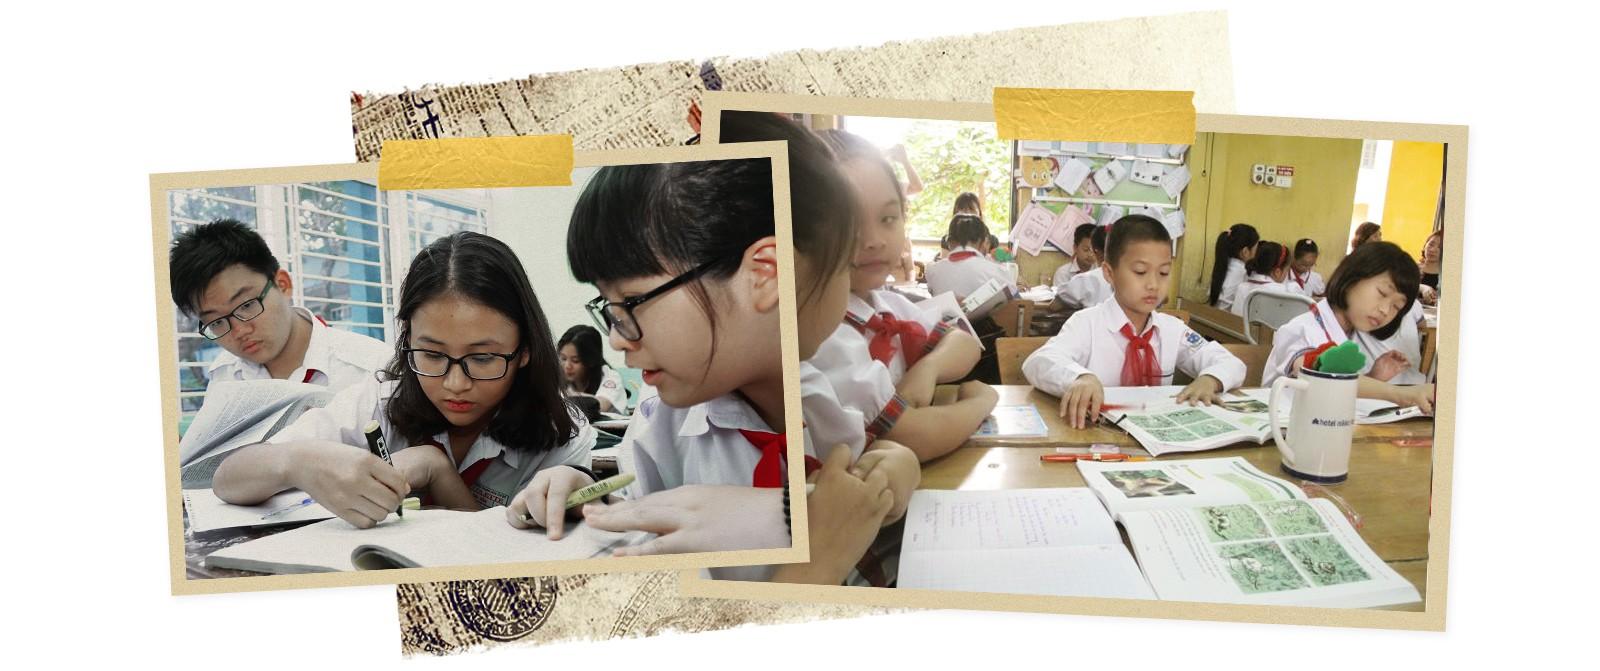 Giáo dục gieo mầm tương lai - Ảnh 13.